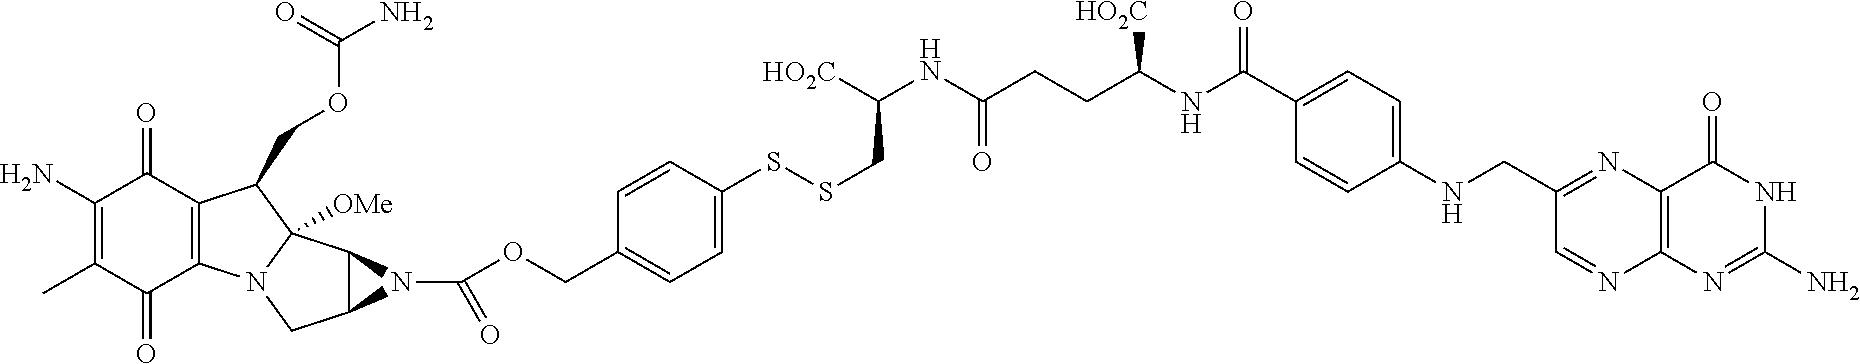 Figure US09550734-20170124-C00044